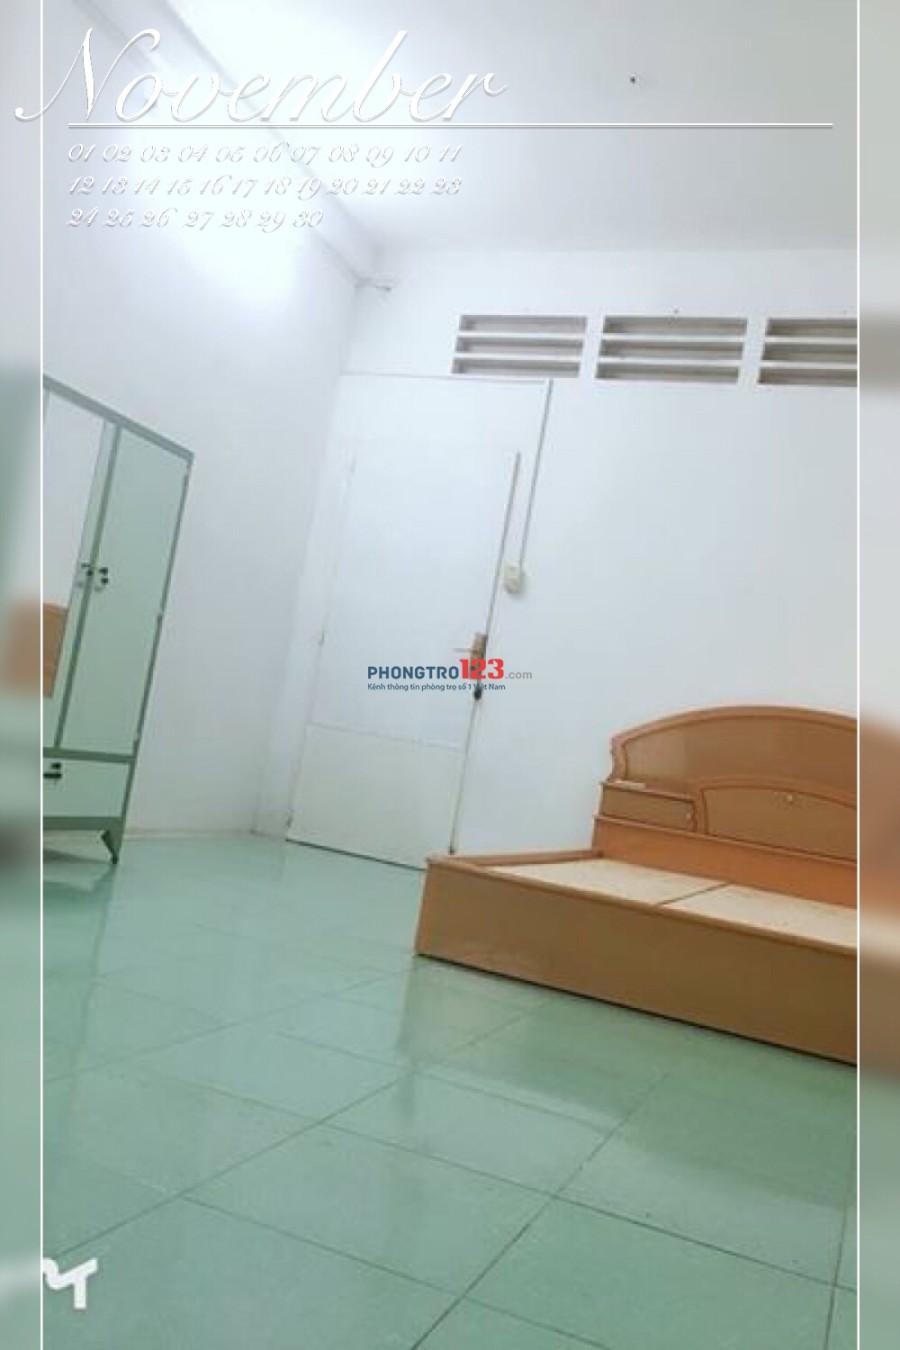 Phòng trọ tại Bình Thạnh gần ĐH Giao Thông Vận Tải